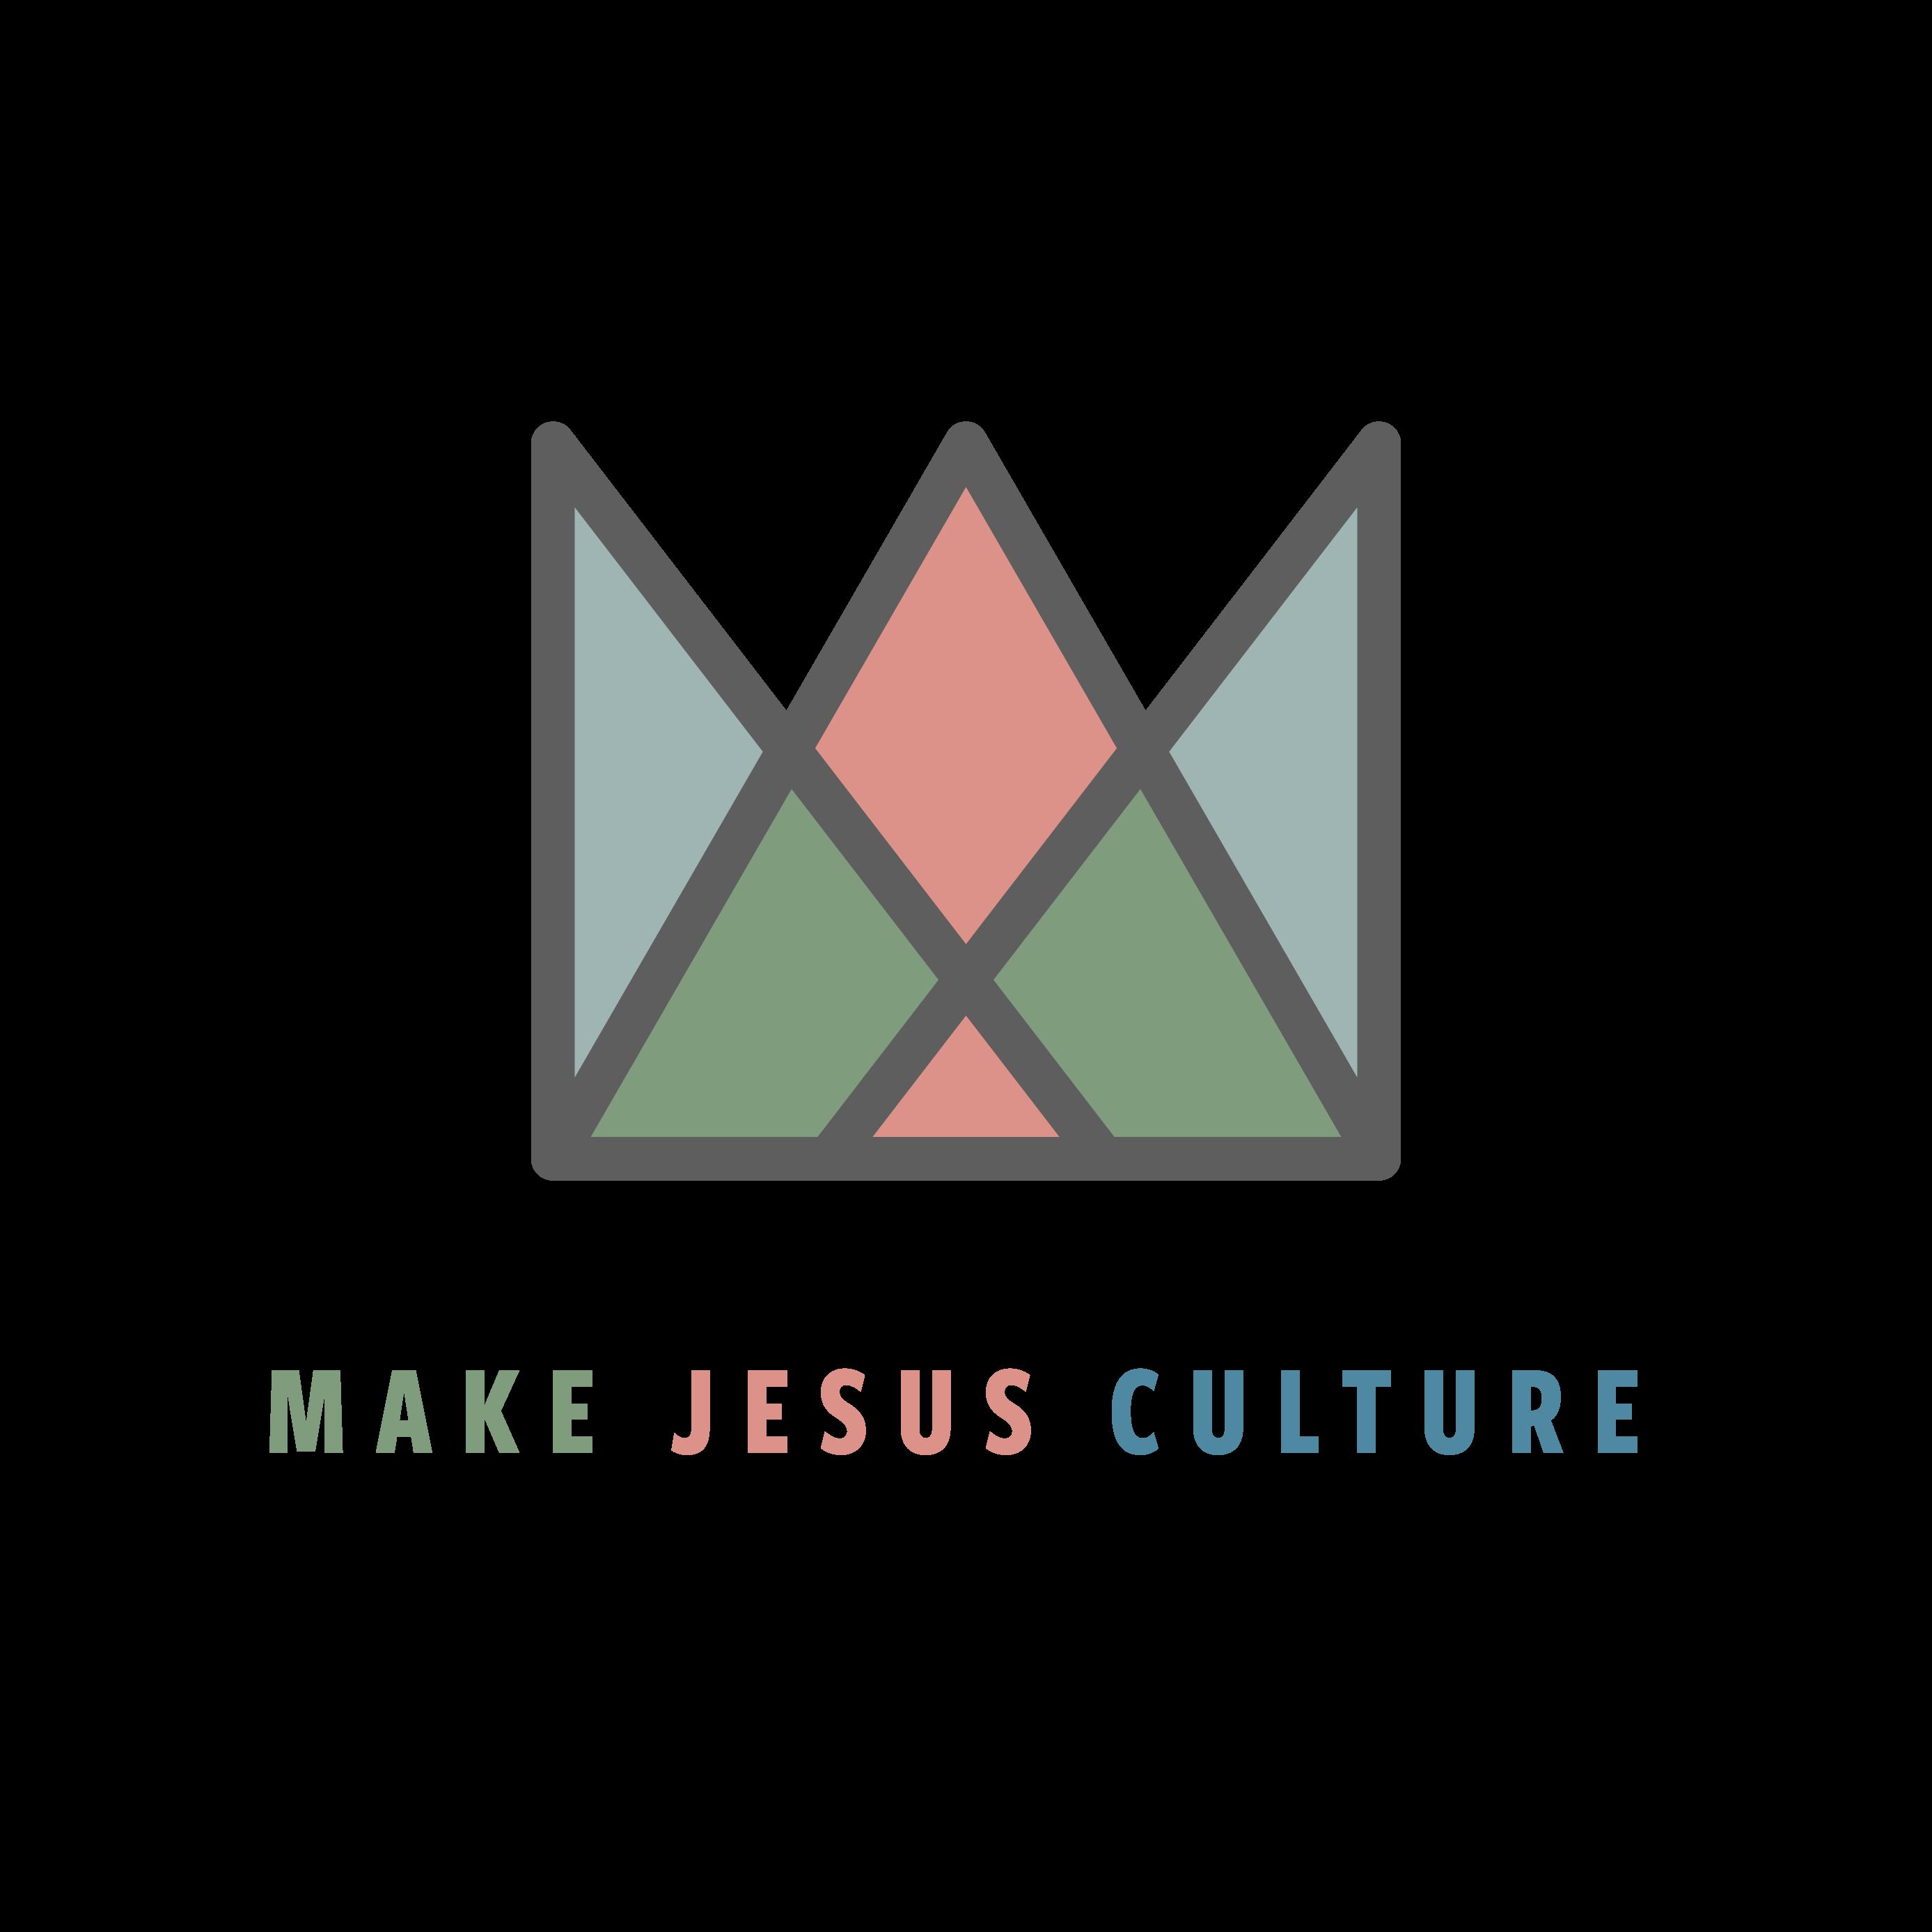 MakeJesusCulture Host